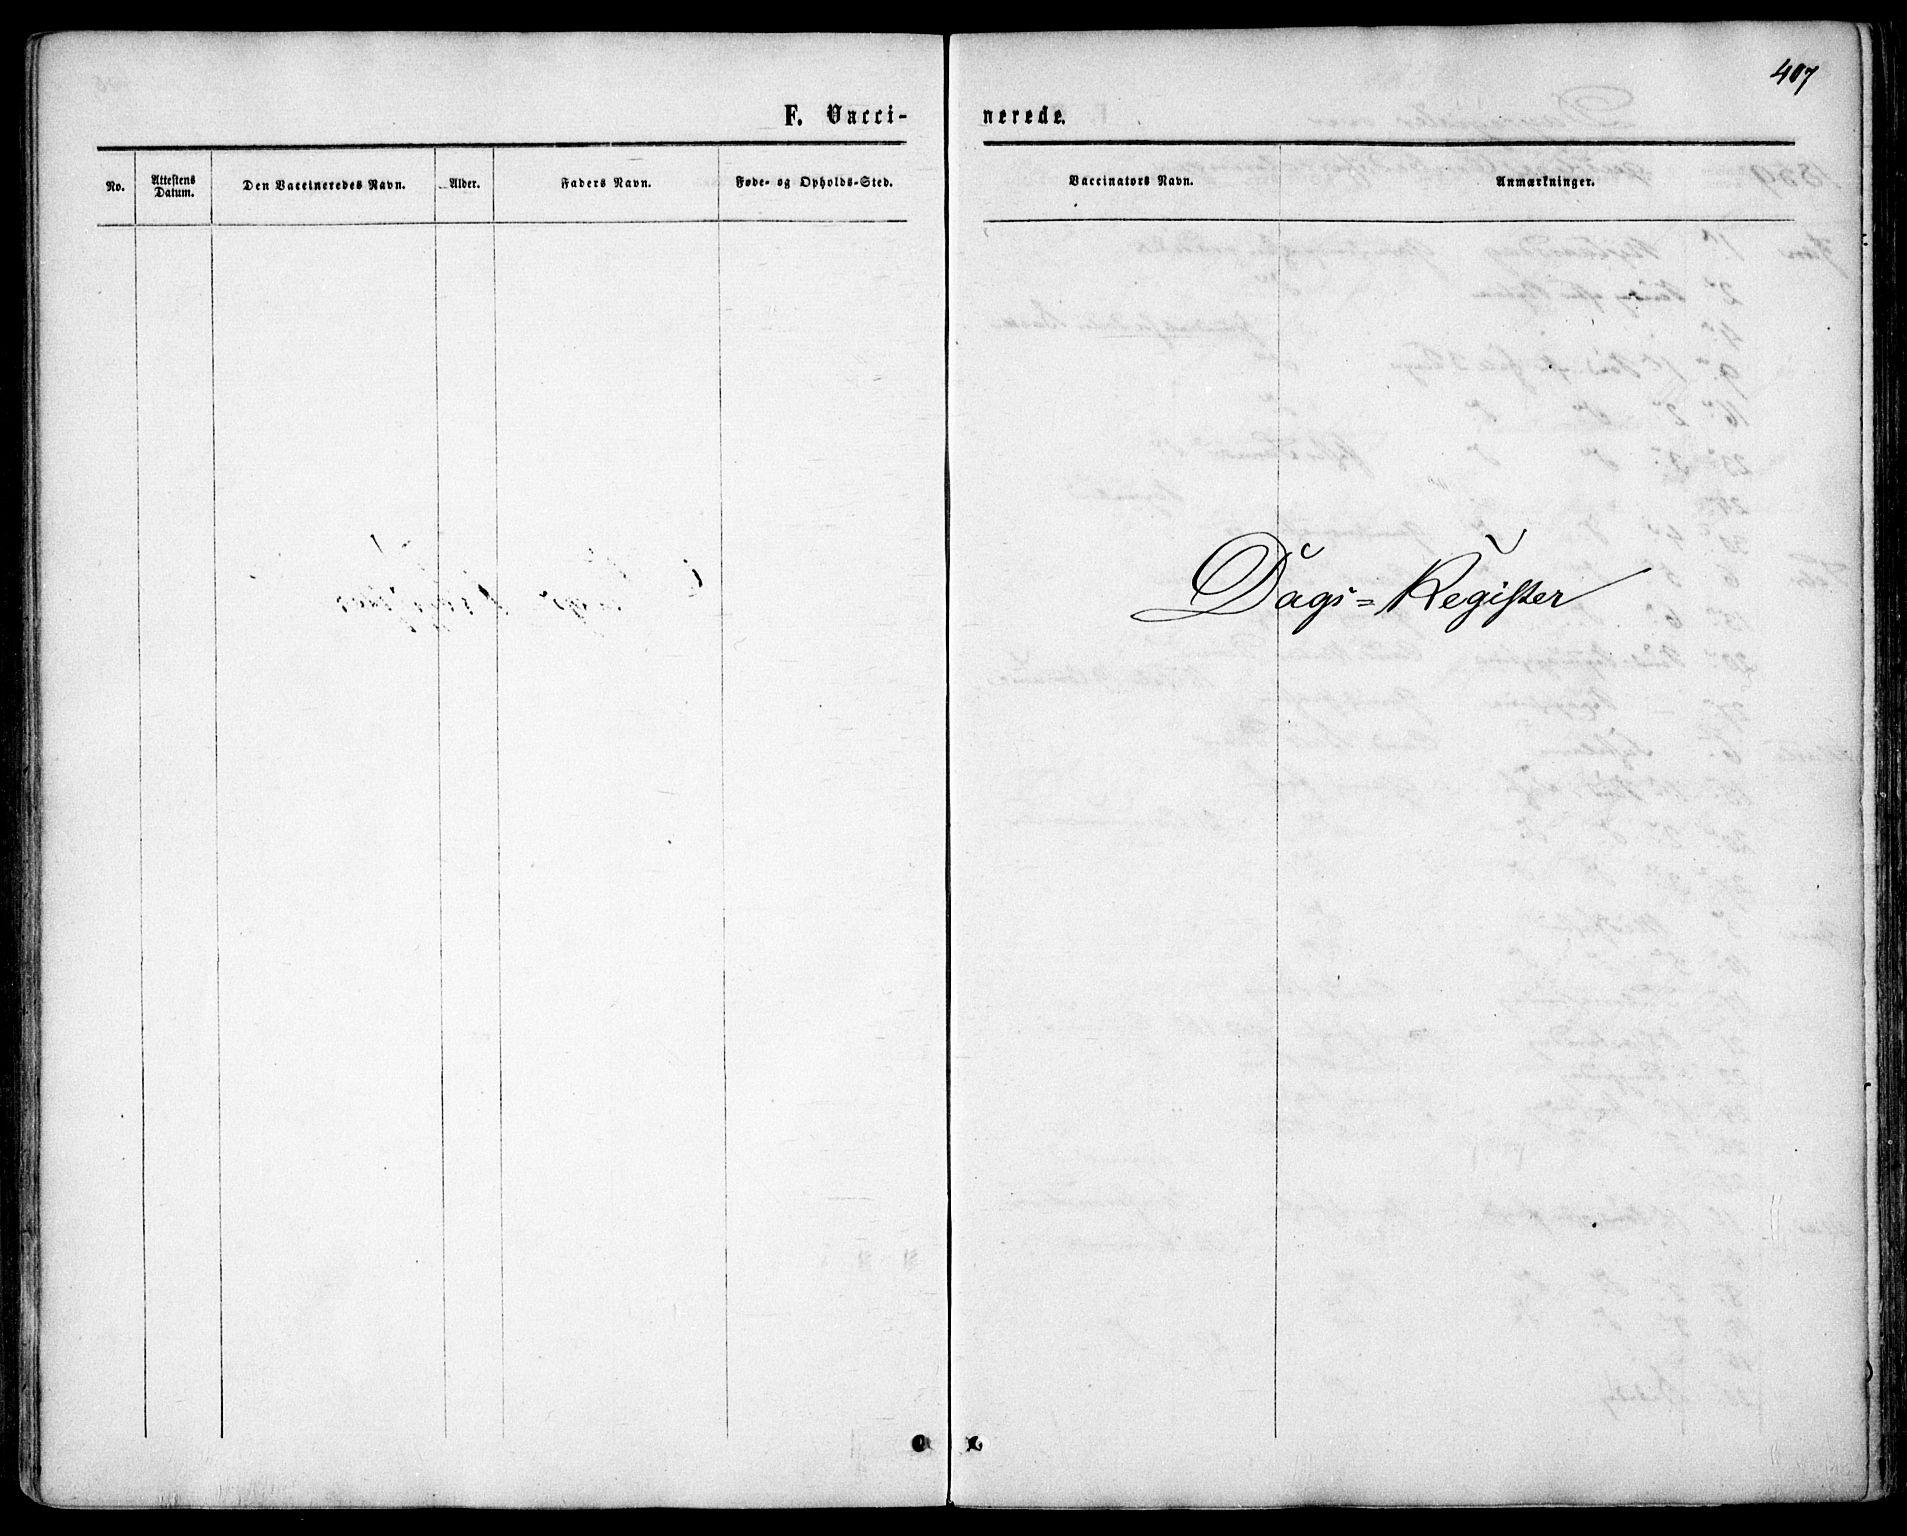 SAO, Garnisonsmenigheten Kirkebøker, F/Fa/L0010: Ministerialbok nr. 10, 1859-1869